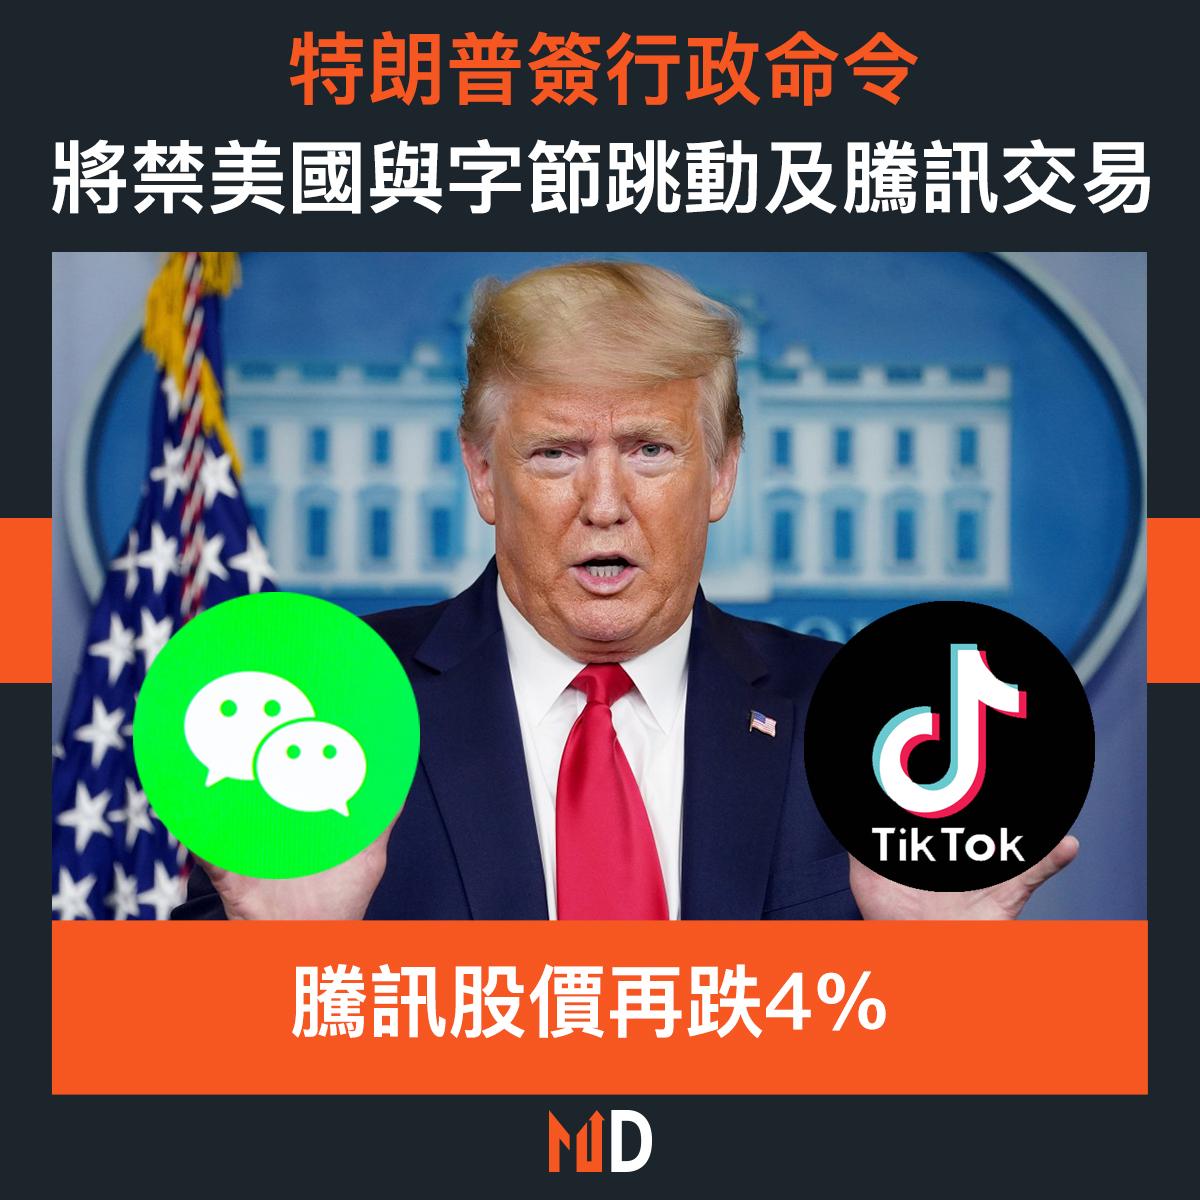 【市場熱話】特朗普簽行政命令,將禁美國與字節跳動及騰訊交易